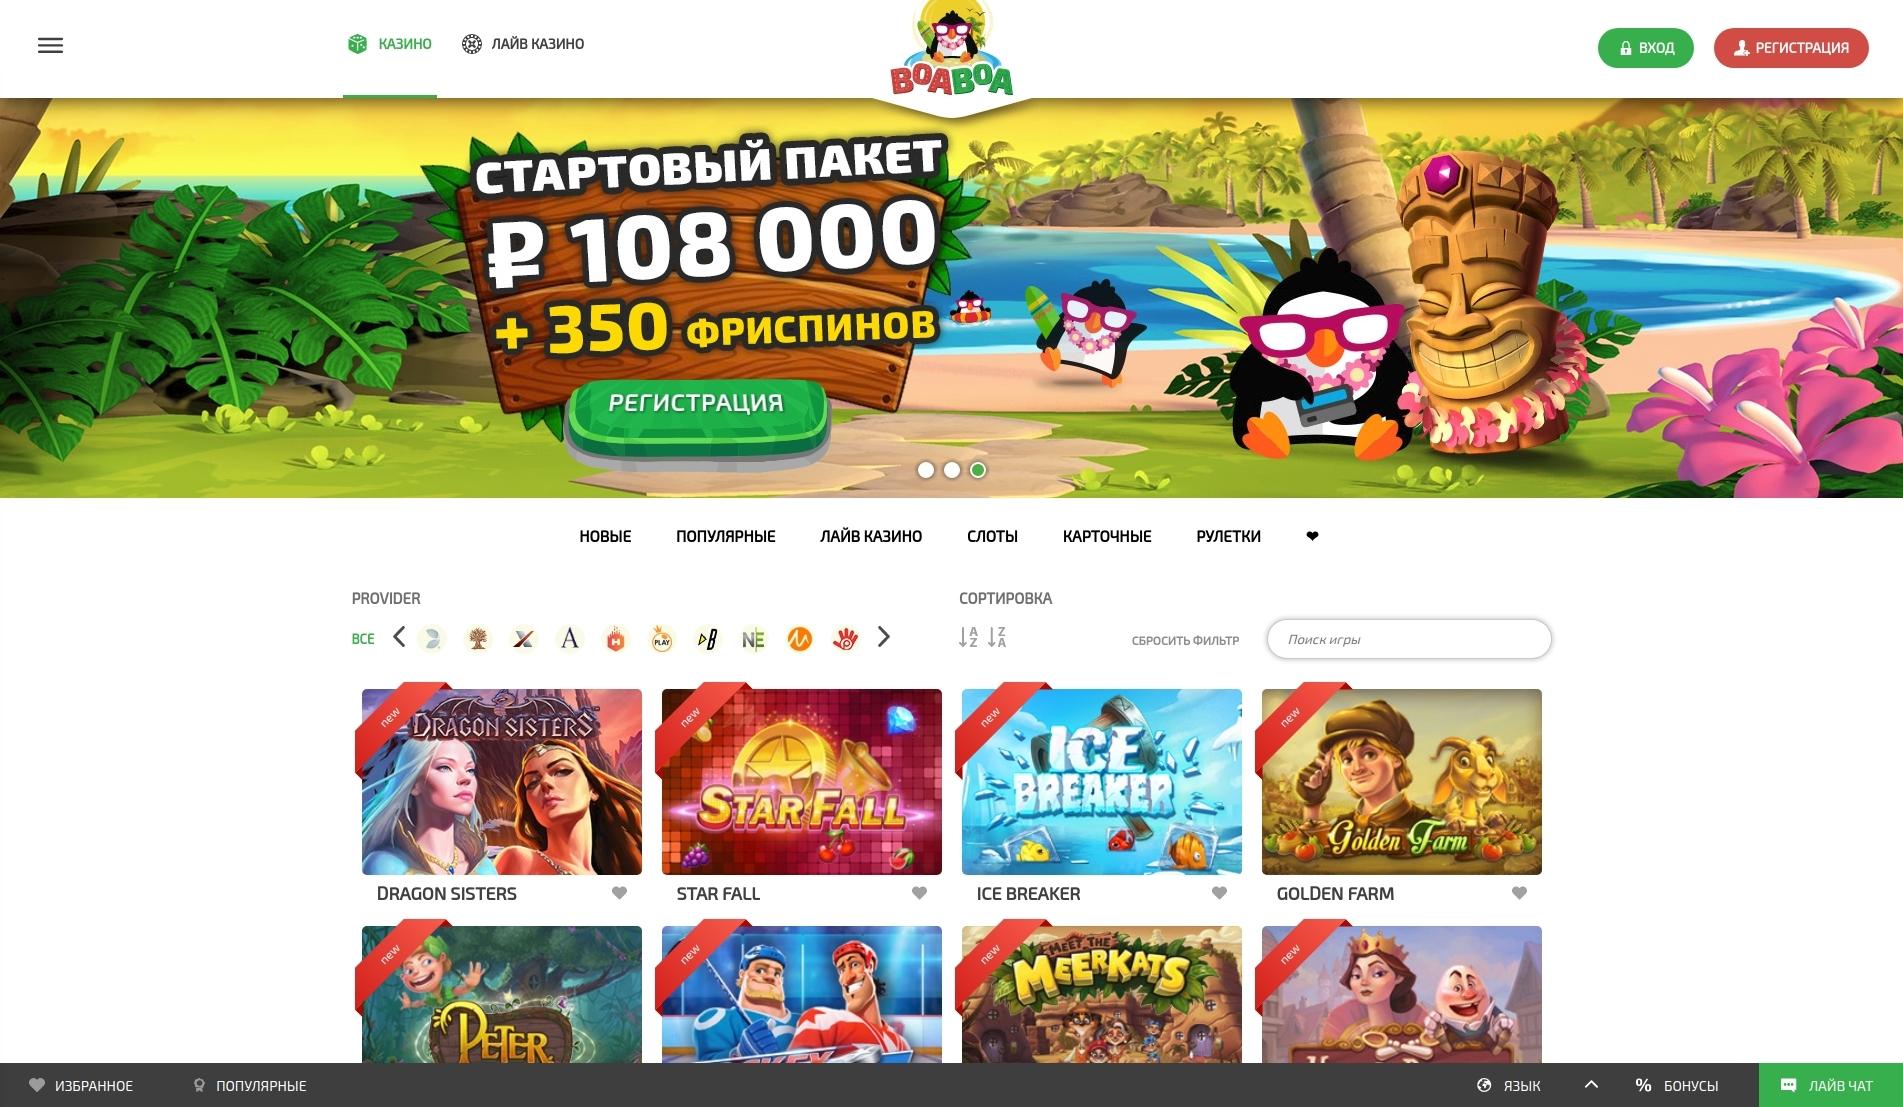 Онлайн казино лицензия кюрасао казино без вложений с выводом денег отзывы